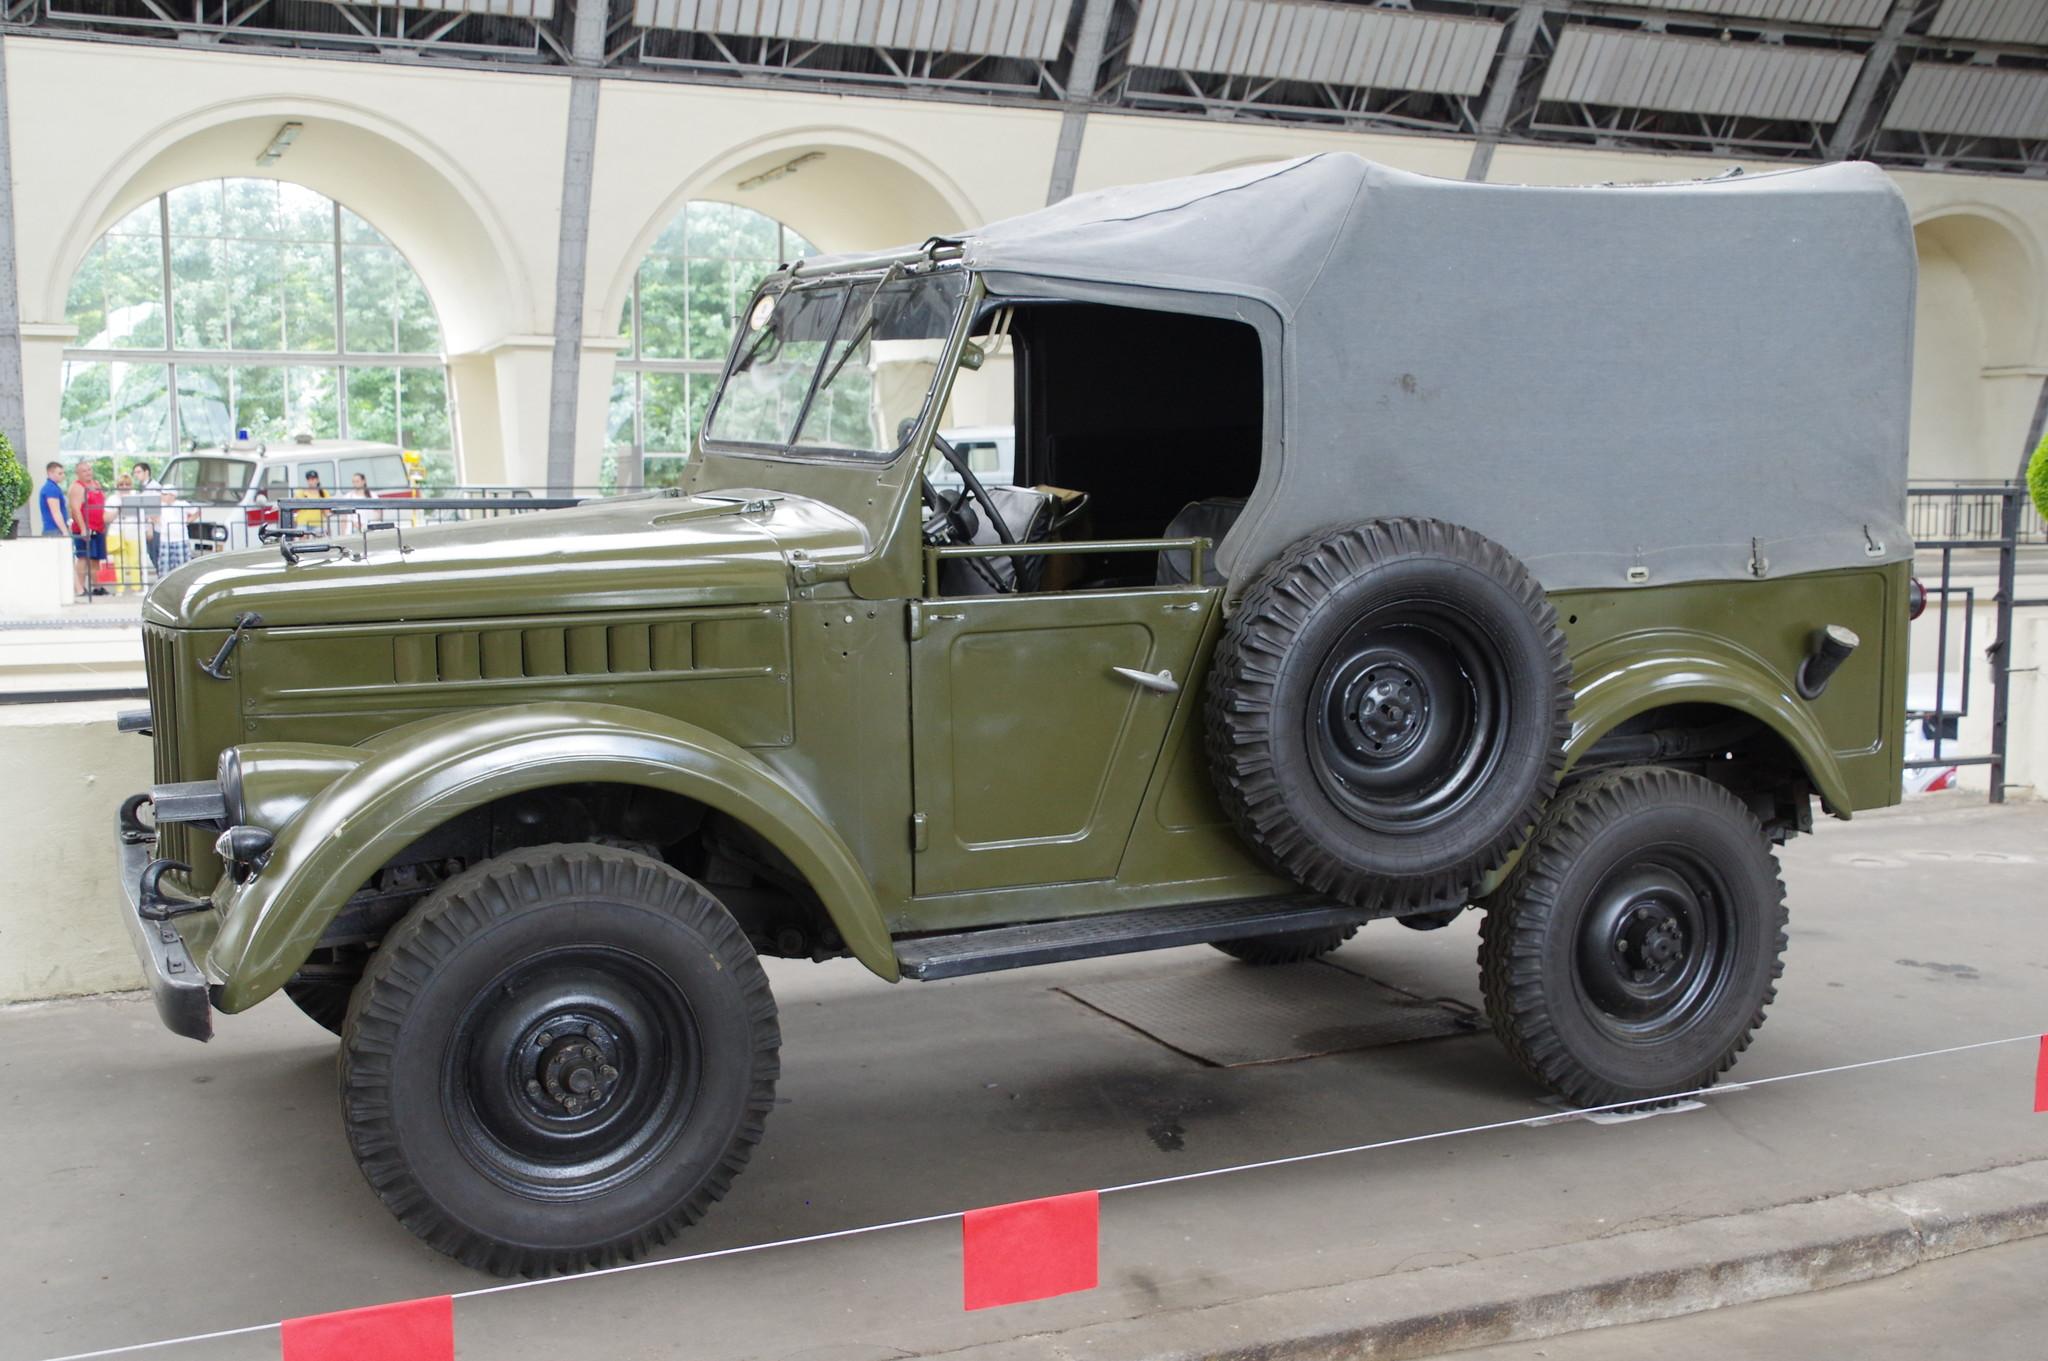 ГАЗ-69 - легковой автомобиль повышенной проходимости